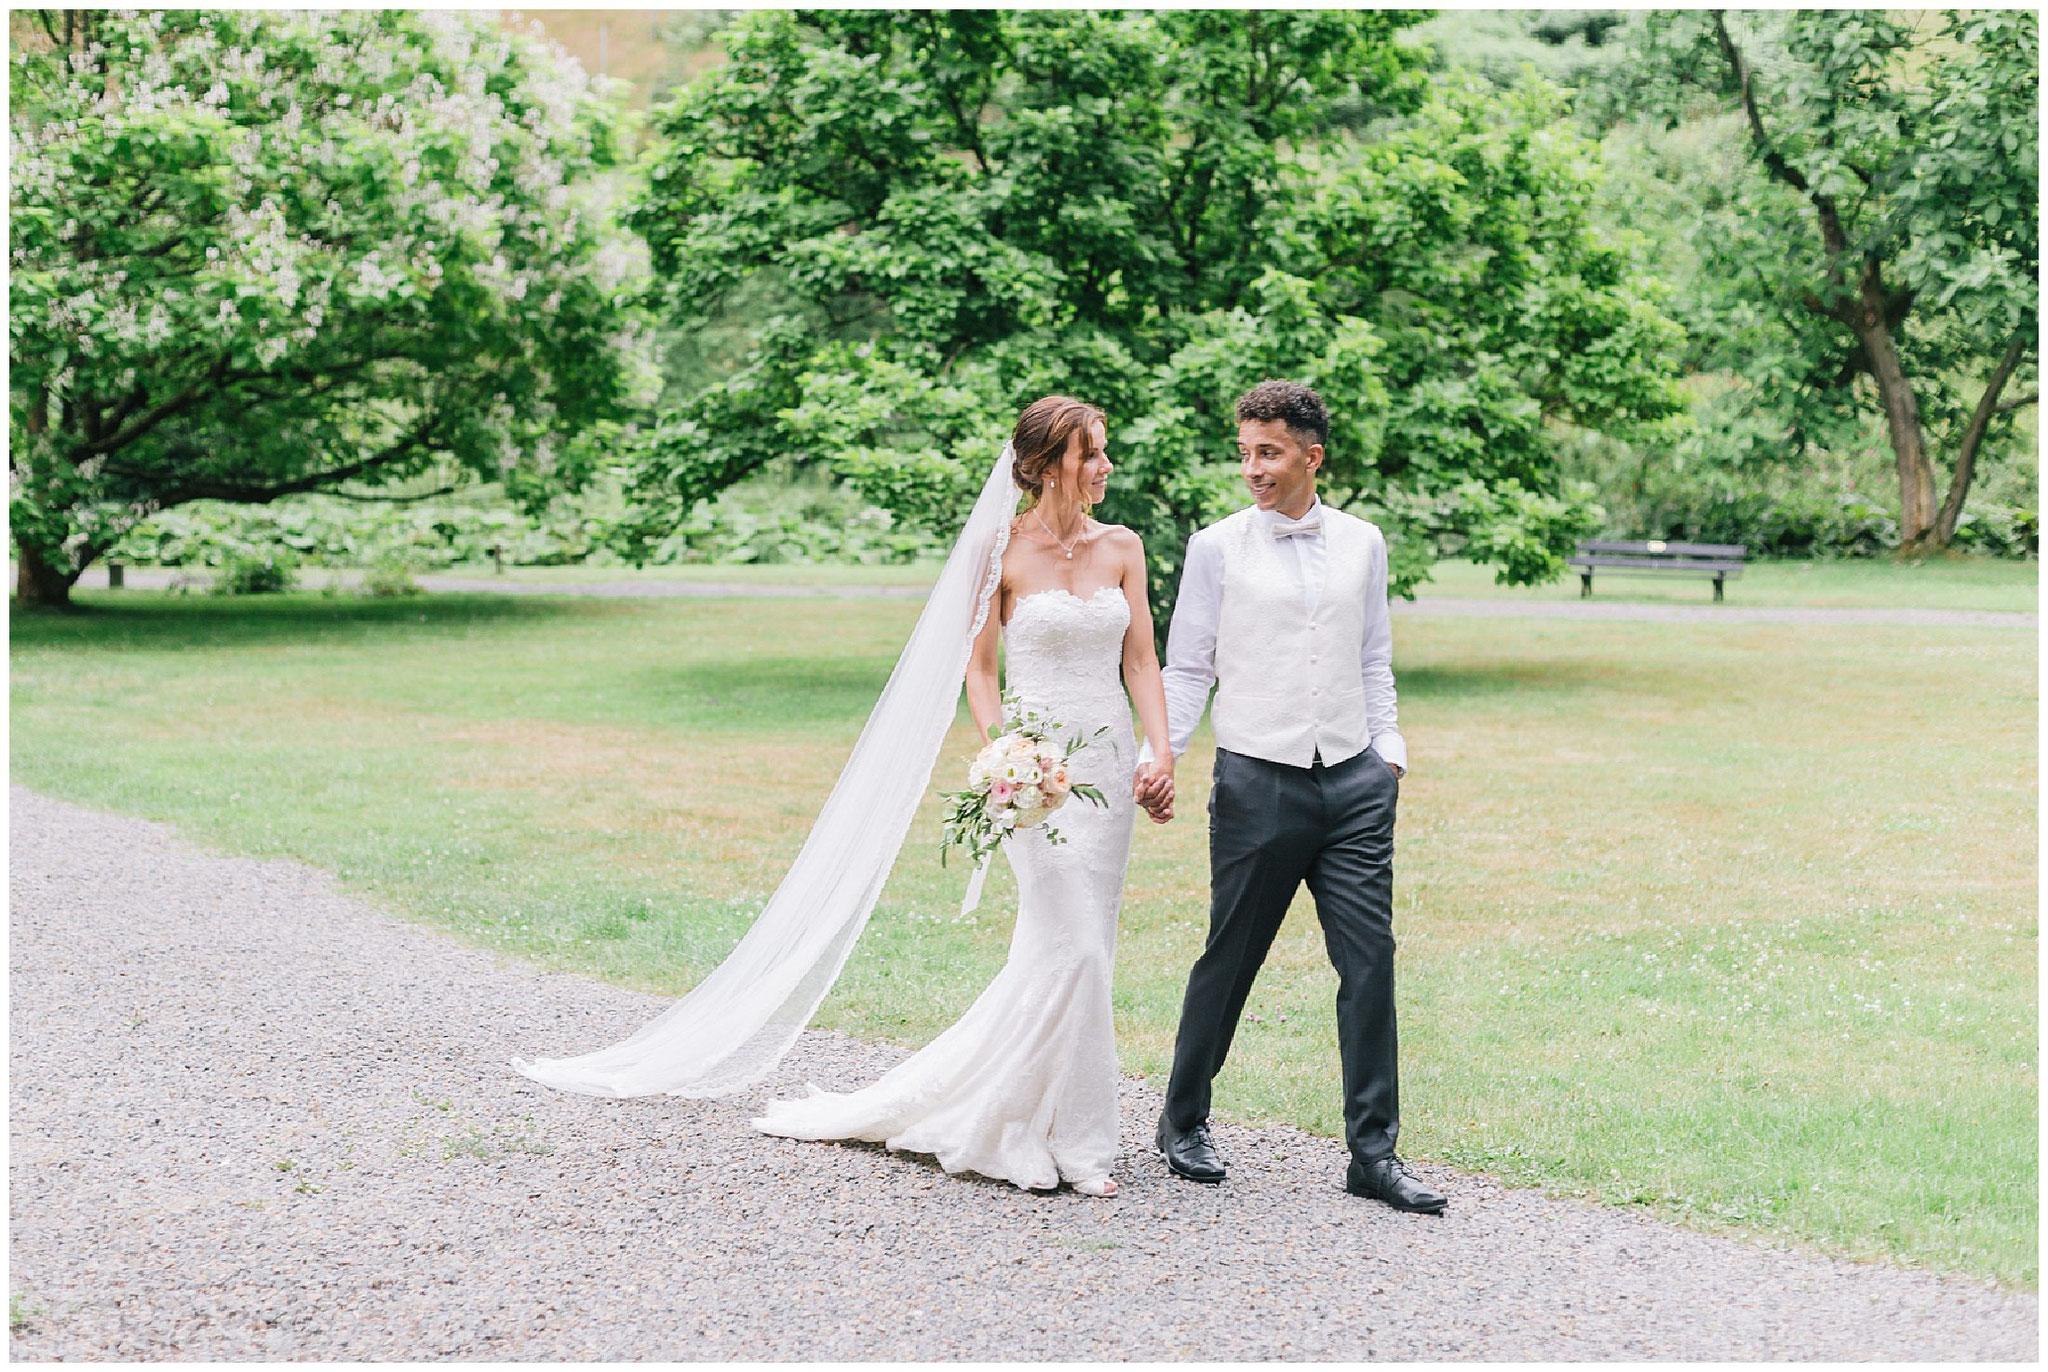 braut mit Schleier  schloss gimborn hochzeitsfotograf Engelskirchen industrial chic hochzeit fine art wedding Galerie Hammerwerk jane weber